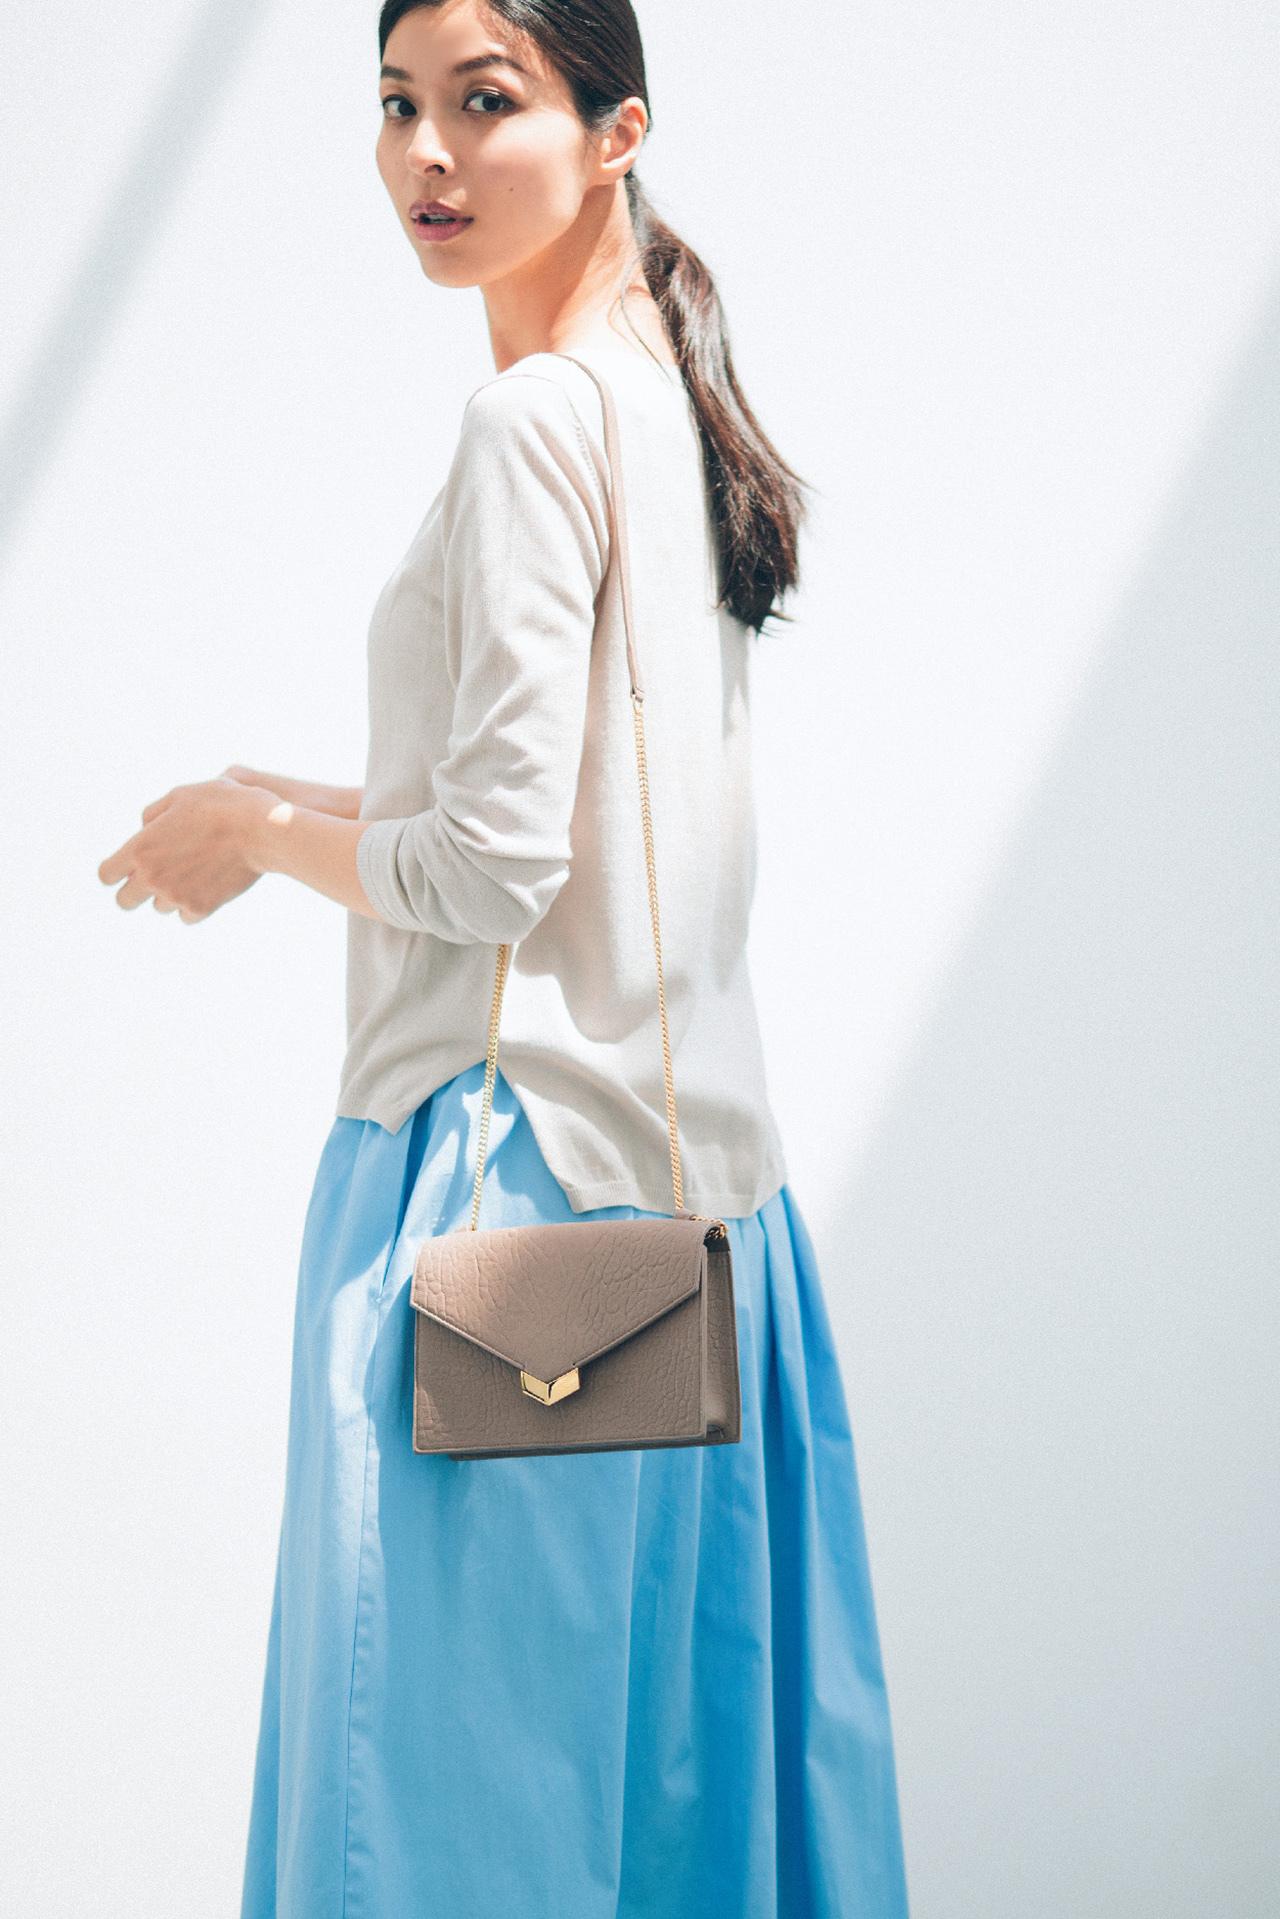 ブルーのスカートは、涼やかな美人感で360度好感度! 五選_1_1-1